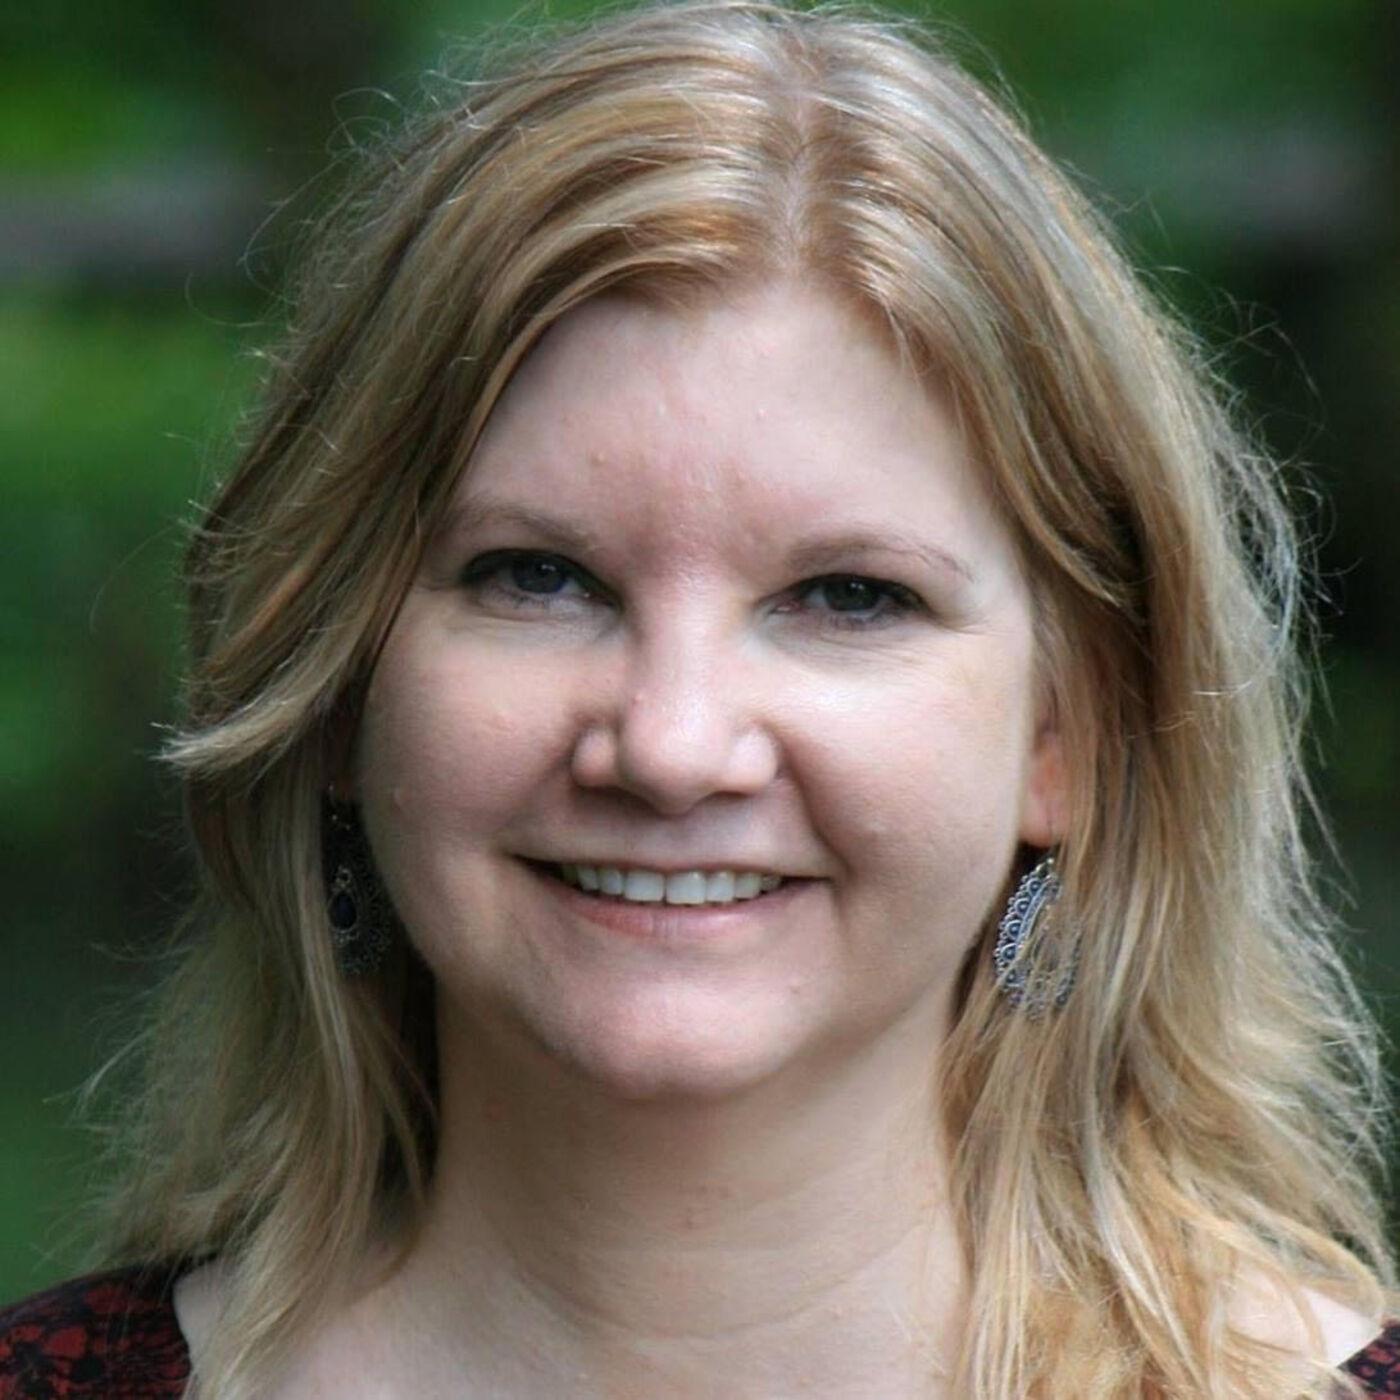 School Teacher by Day Author by Night | Caroline Giammanco